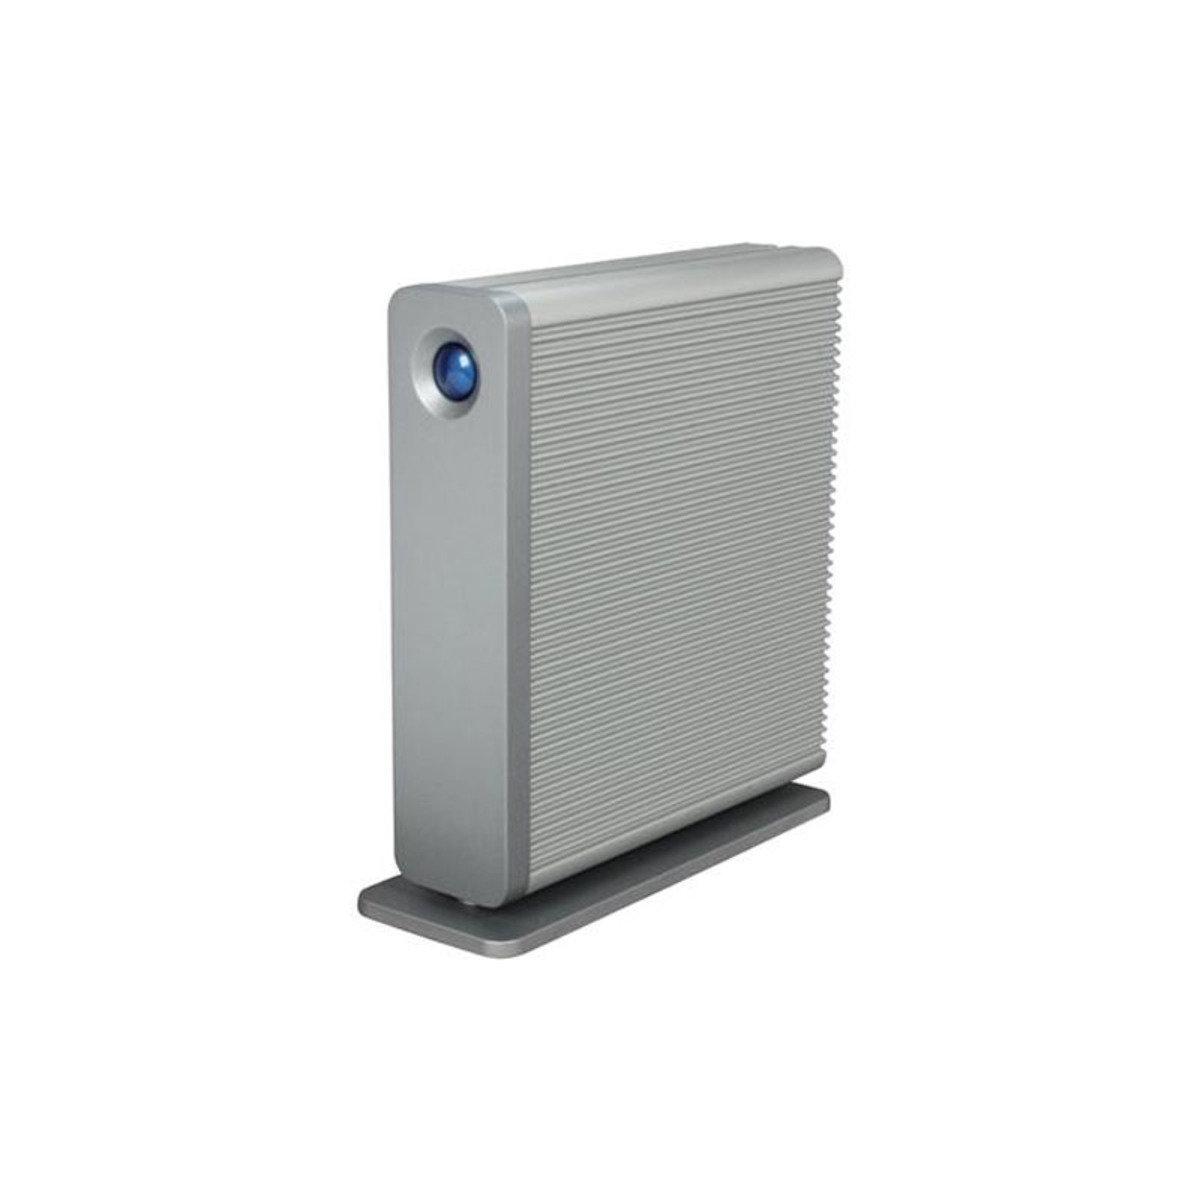 d2 Quadra USB3.0 3TB 3.5吋 外置硬碟 301549